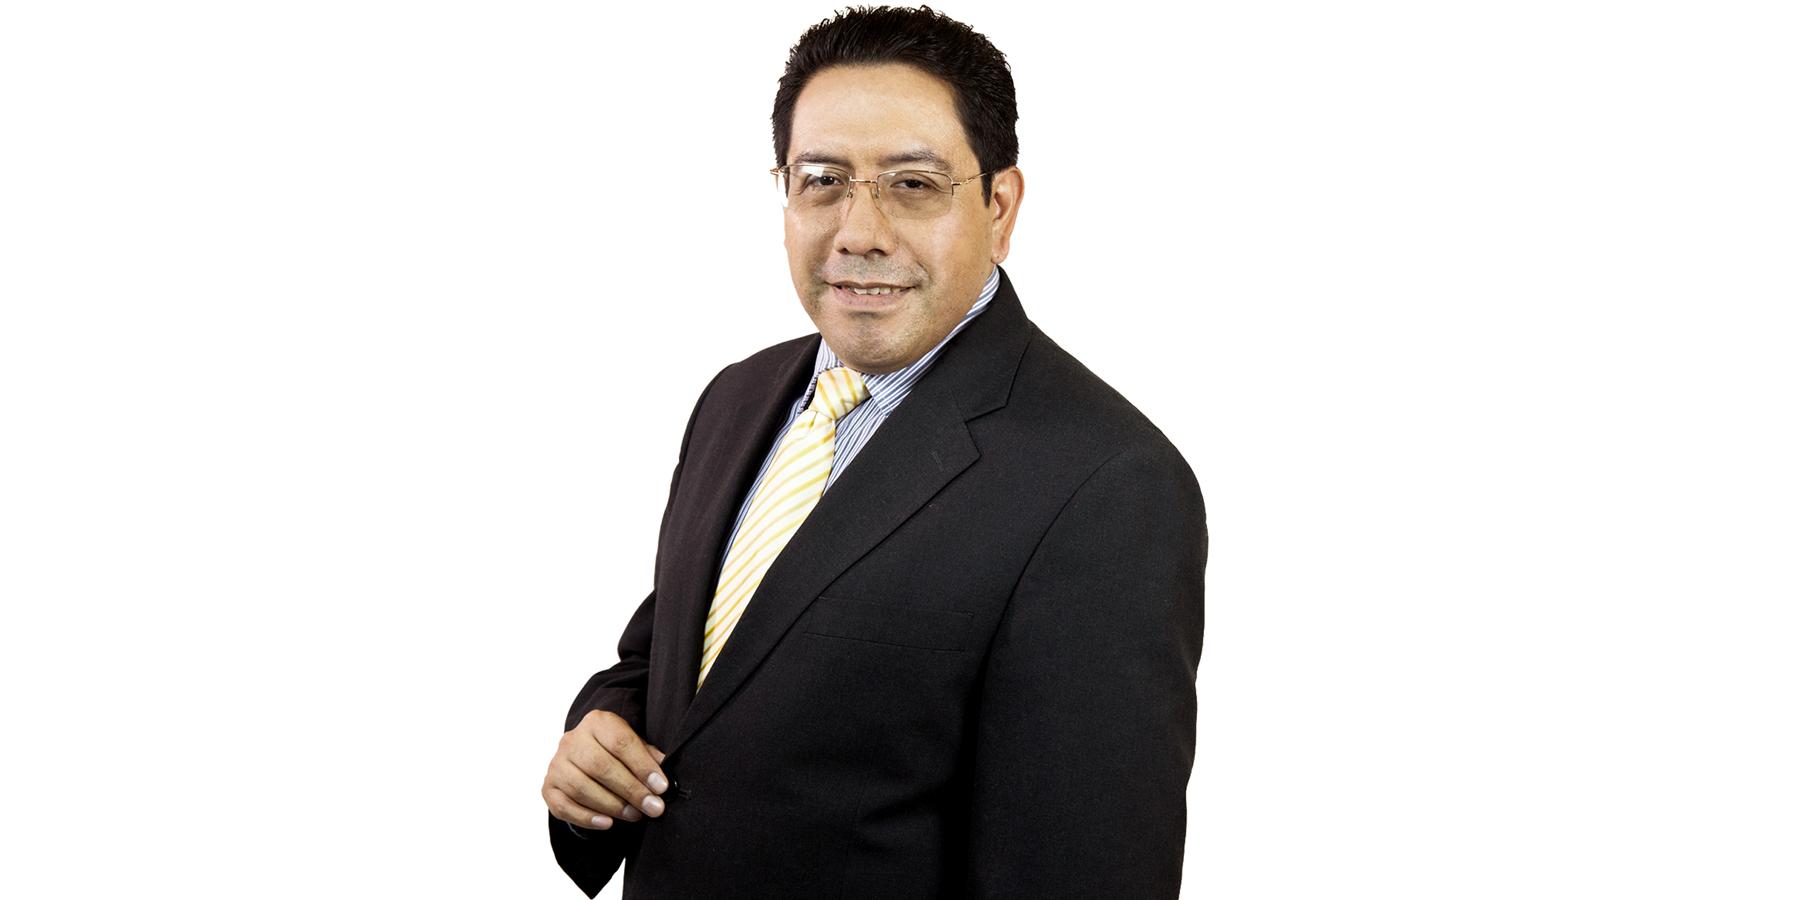 Lic. Alberto Antonio